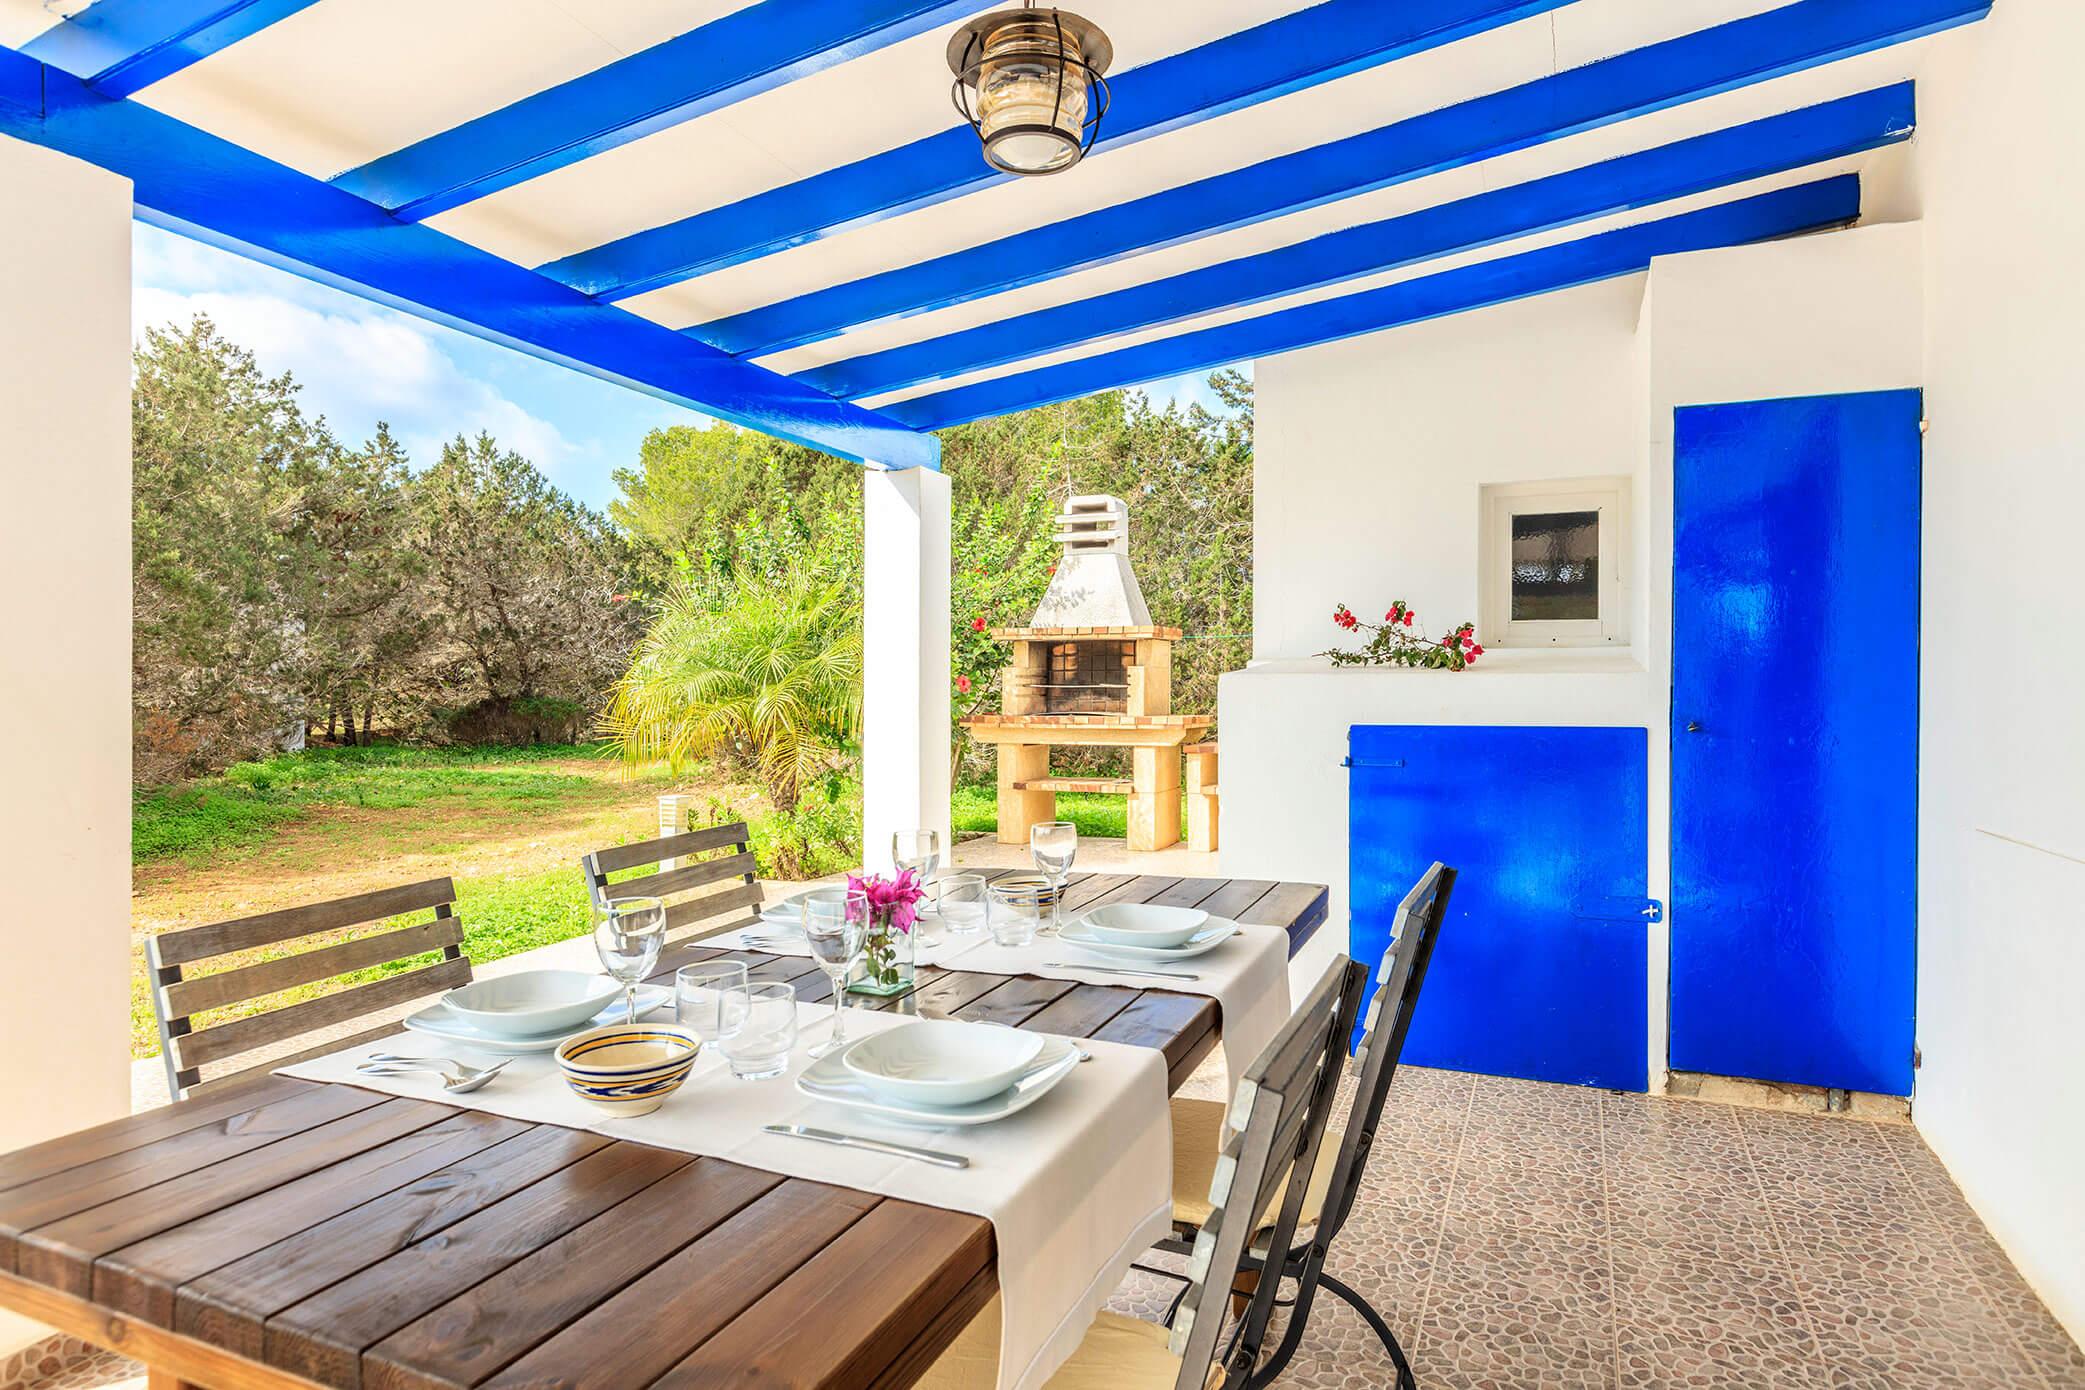 Casa rural en Formentera con terraza, jardín y barbacoa. Alojamientos turísticos Cardona. Can Carlets